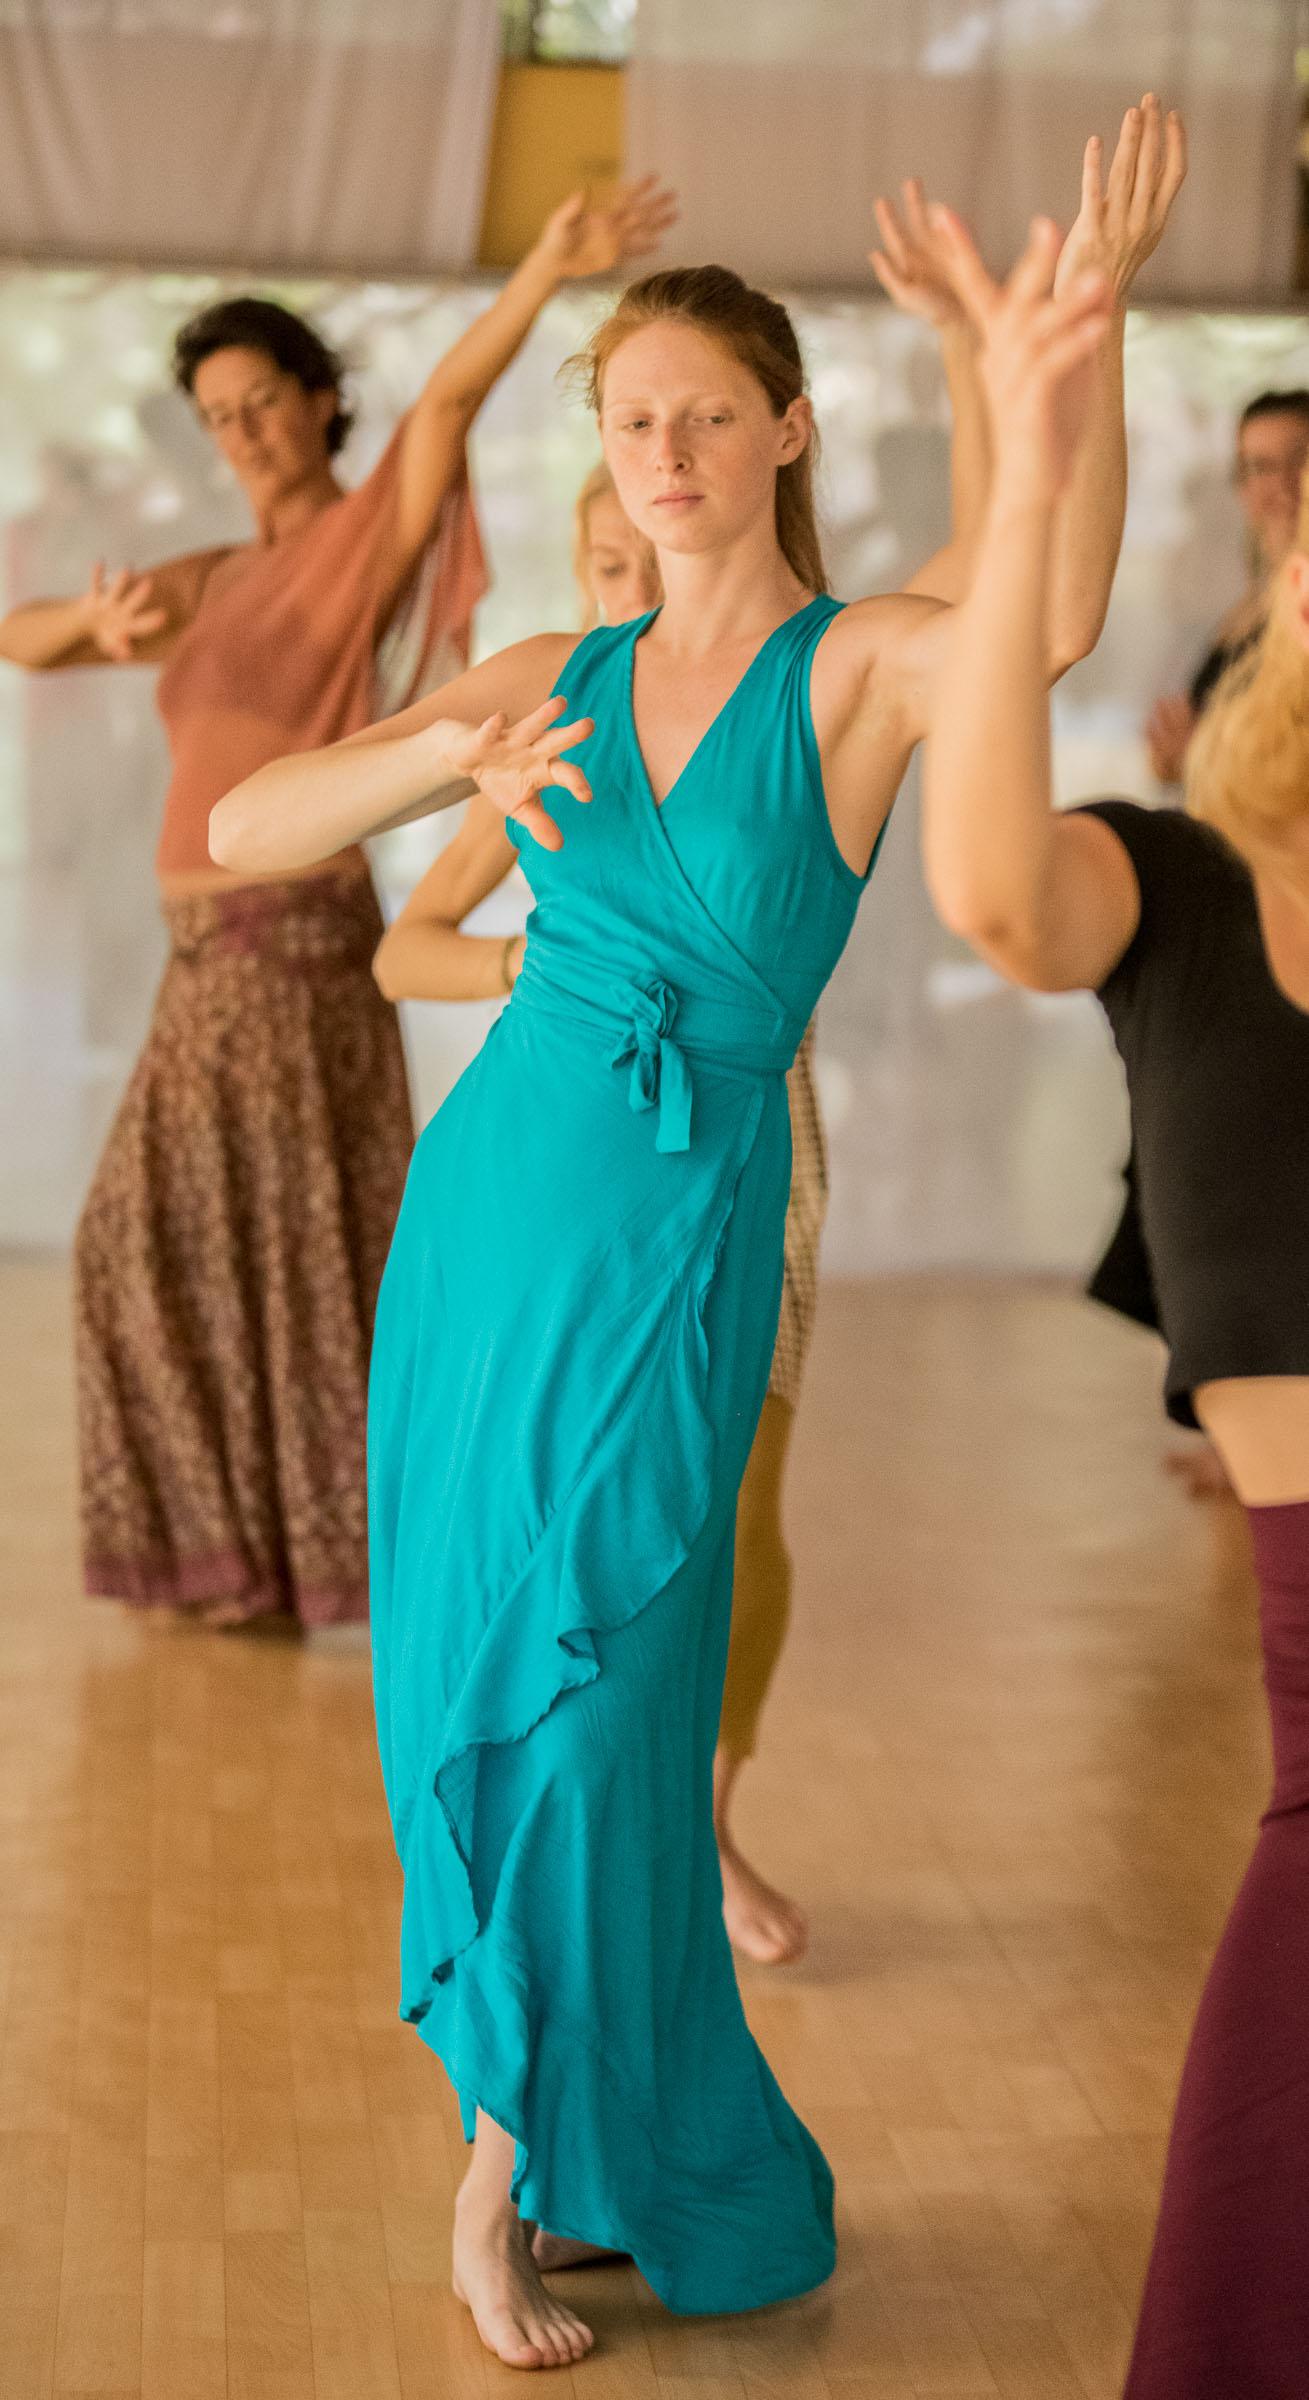 Dance Workshop & retreat with Zola Dubnikova in India